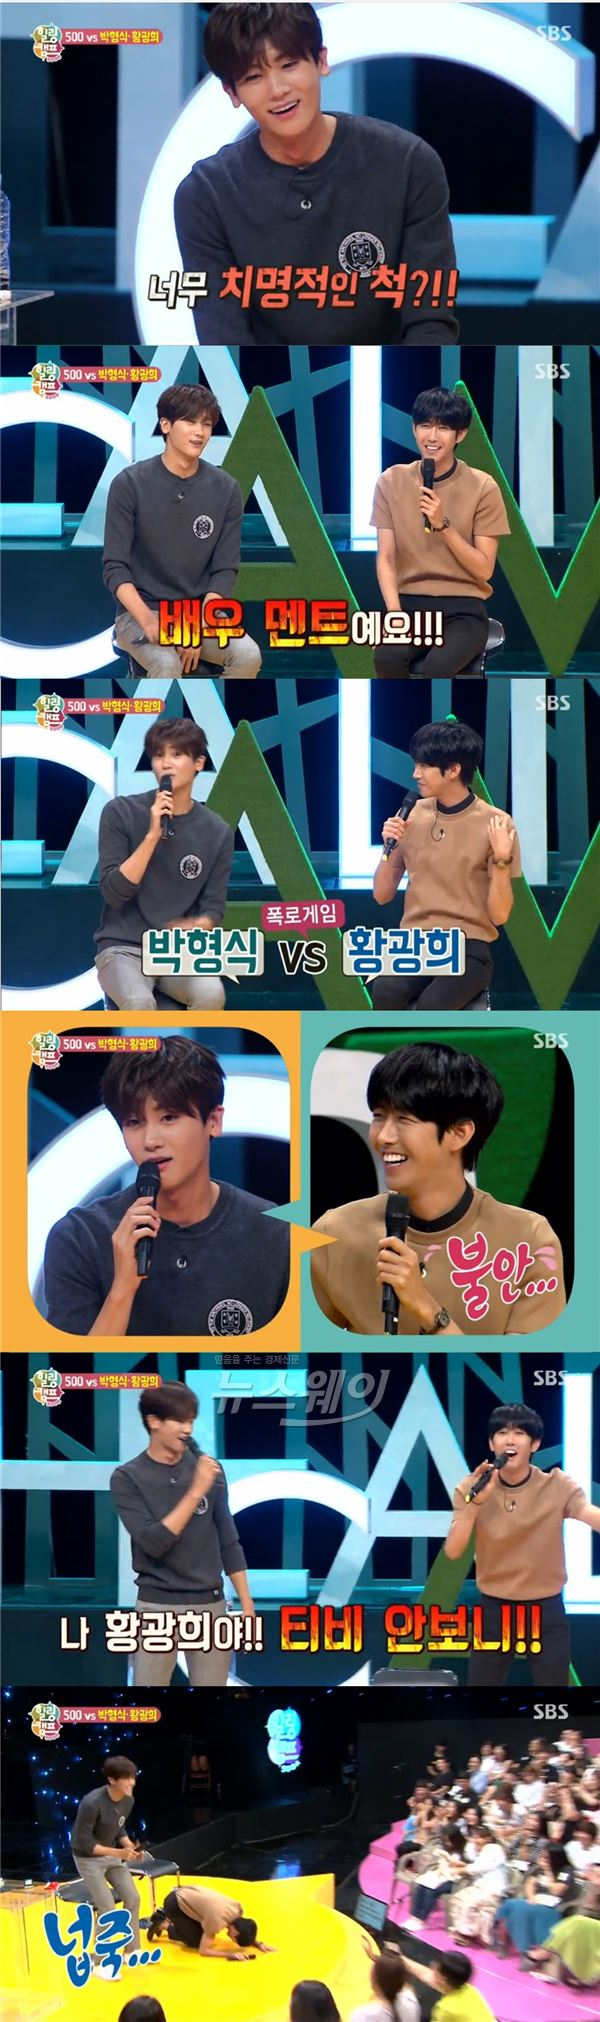 '힐링캠프' 광희, 과거 박형식과 실체폭로전 '폭소'